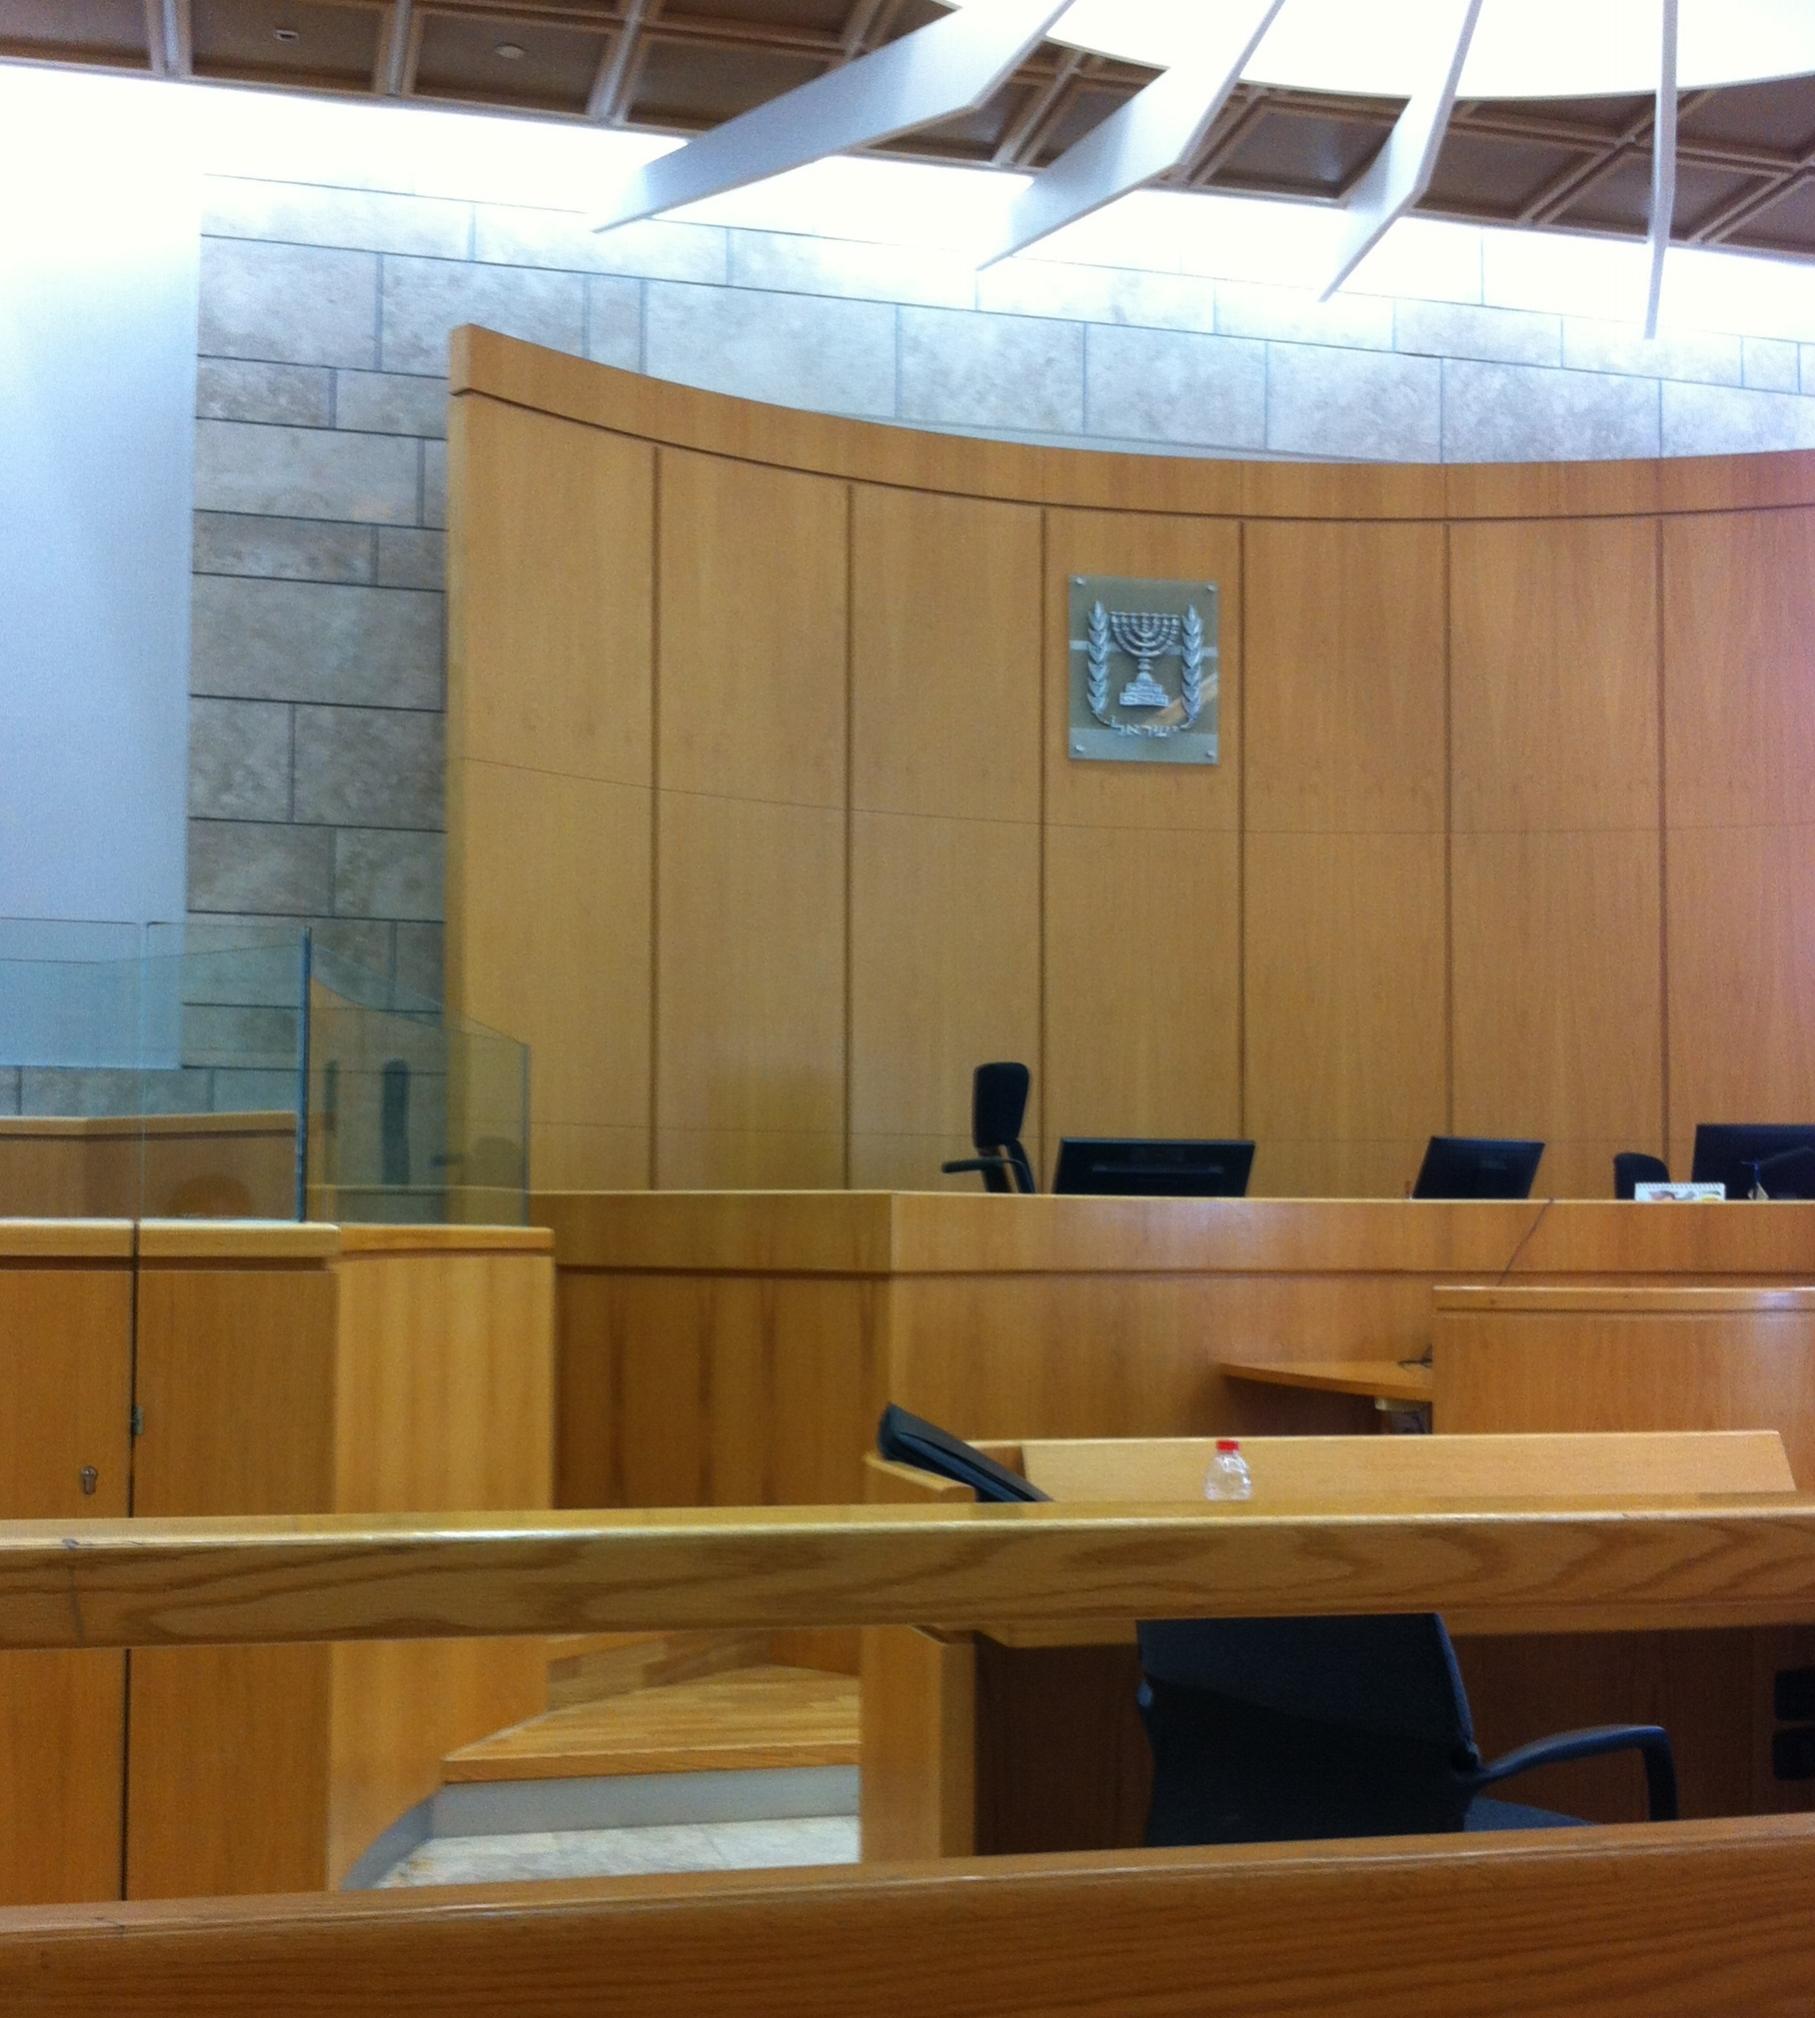 Court house, Nazareth, Israel, August 2018.